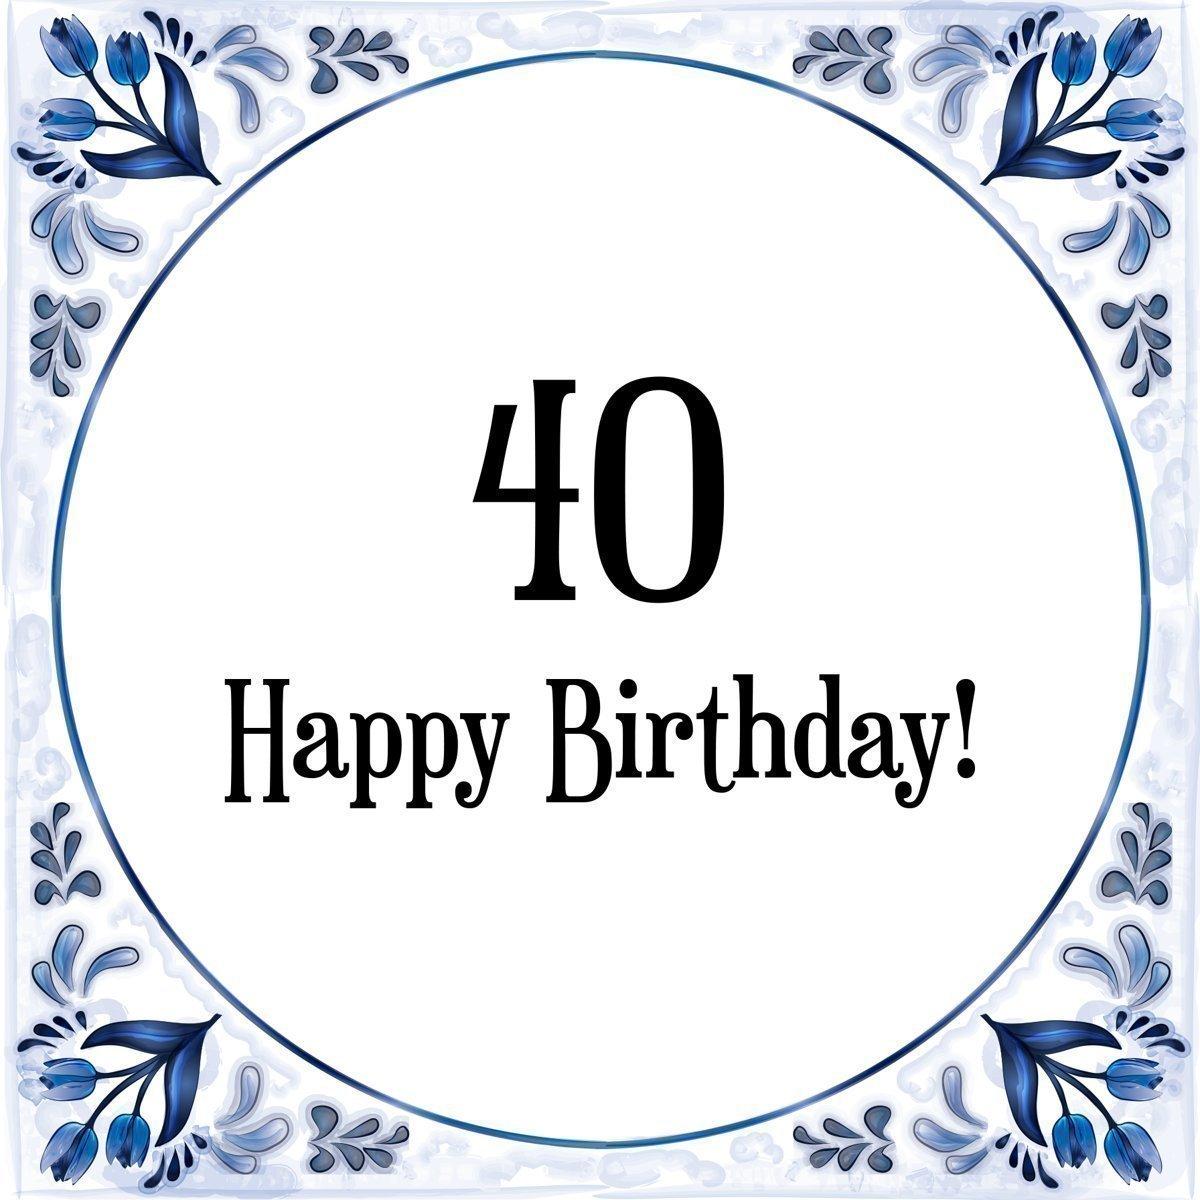 Bedwelming Verjaardag Tegeltje met Spreuk (40 jaar: Happy birthday! 40! + @BB48